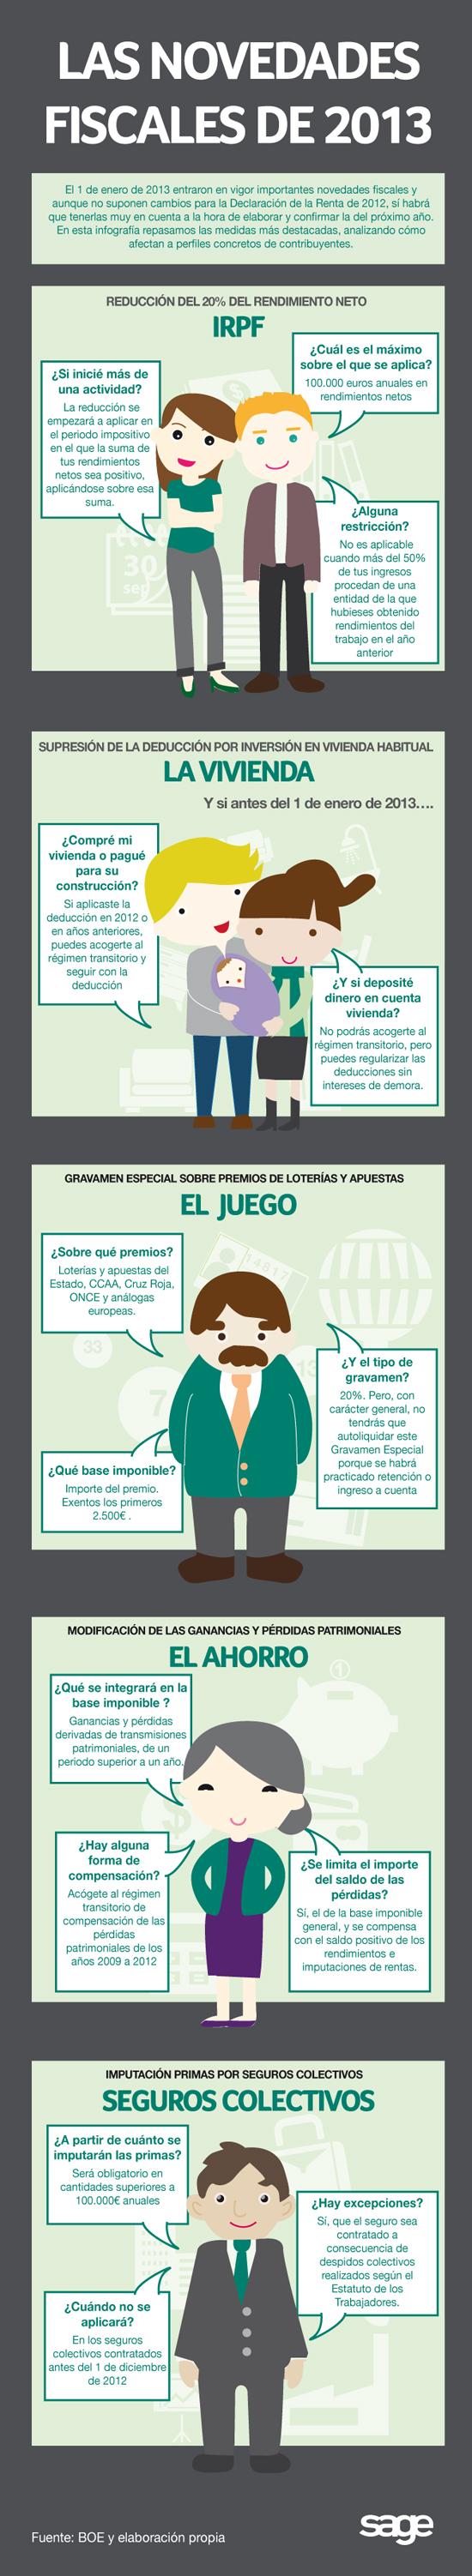 Novedades fiscales 2013 (España)